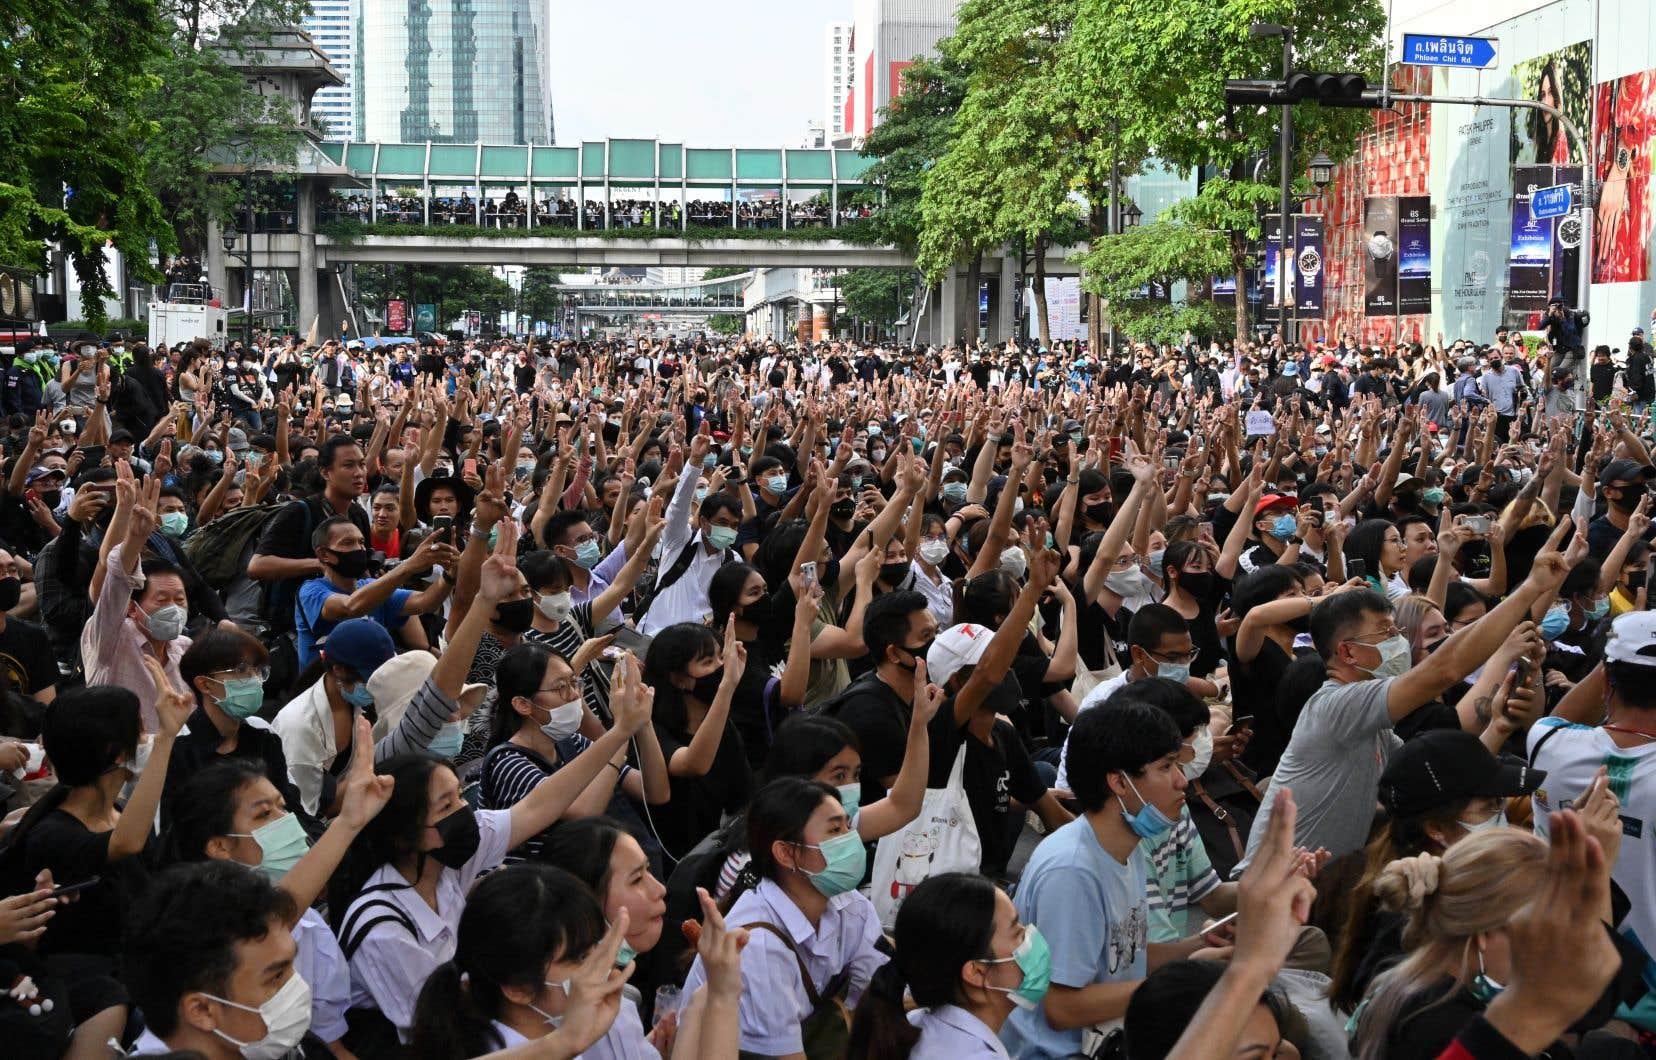 Jeudi, quelque 10000 personnes, selon la police, ont afflué dans le centre de Bangkok pour protester contre l'arrestation de plusieurs dirigeants du mouvement pro-démocratie.